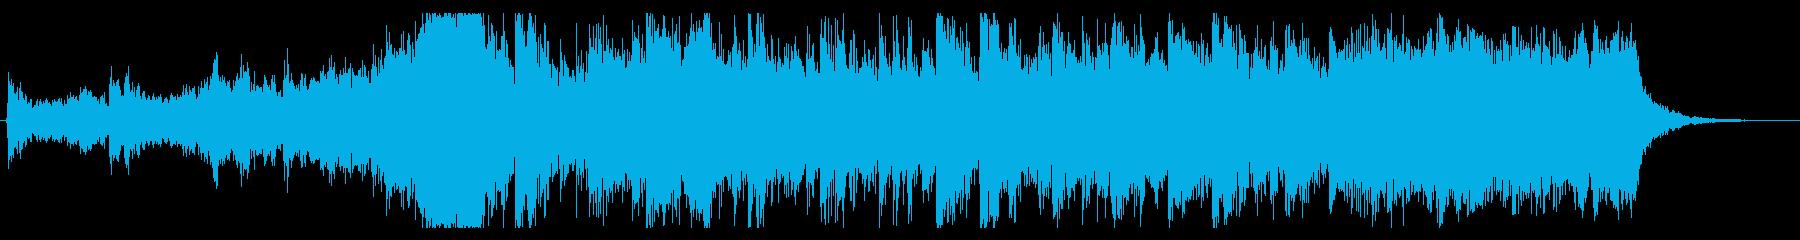 大自然壮大オケ 30秒 syn無の再生済みの波形